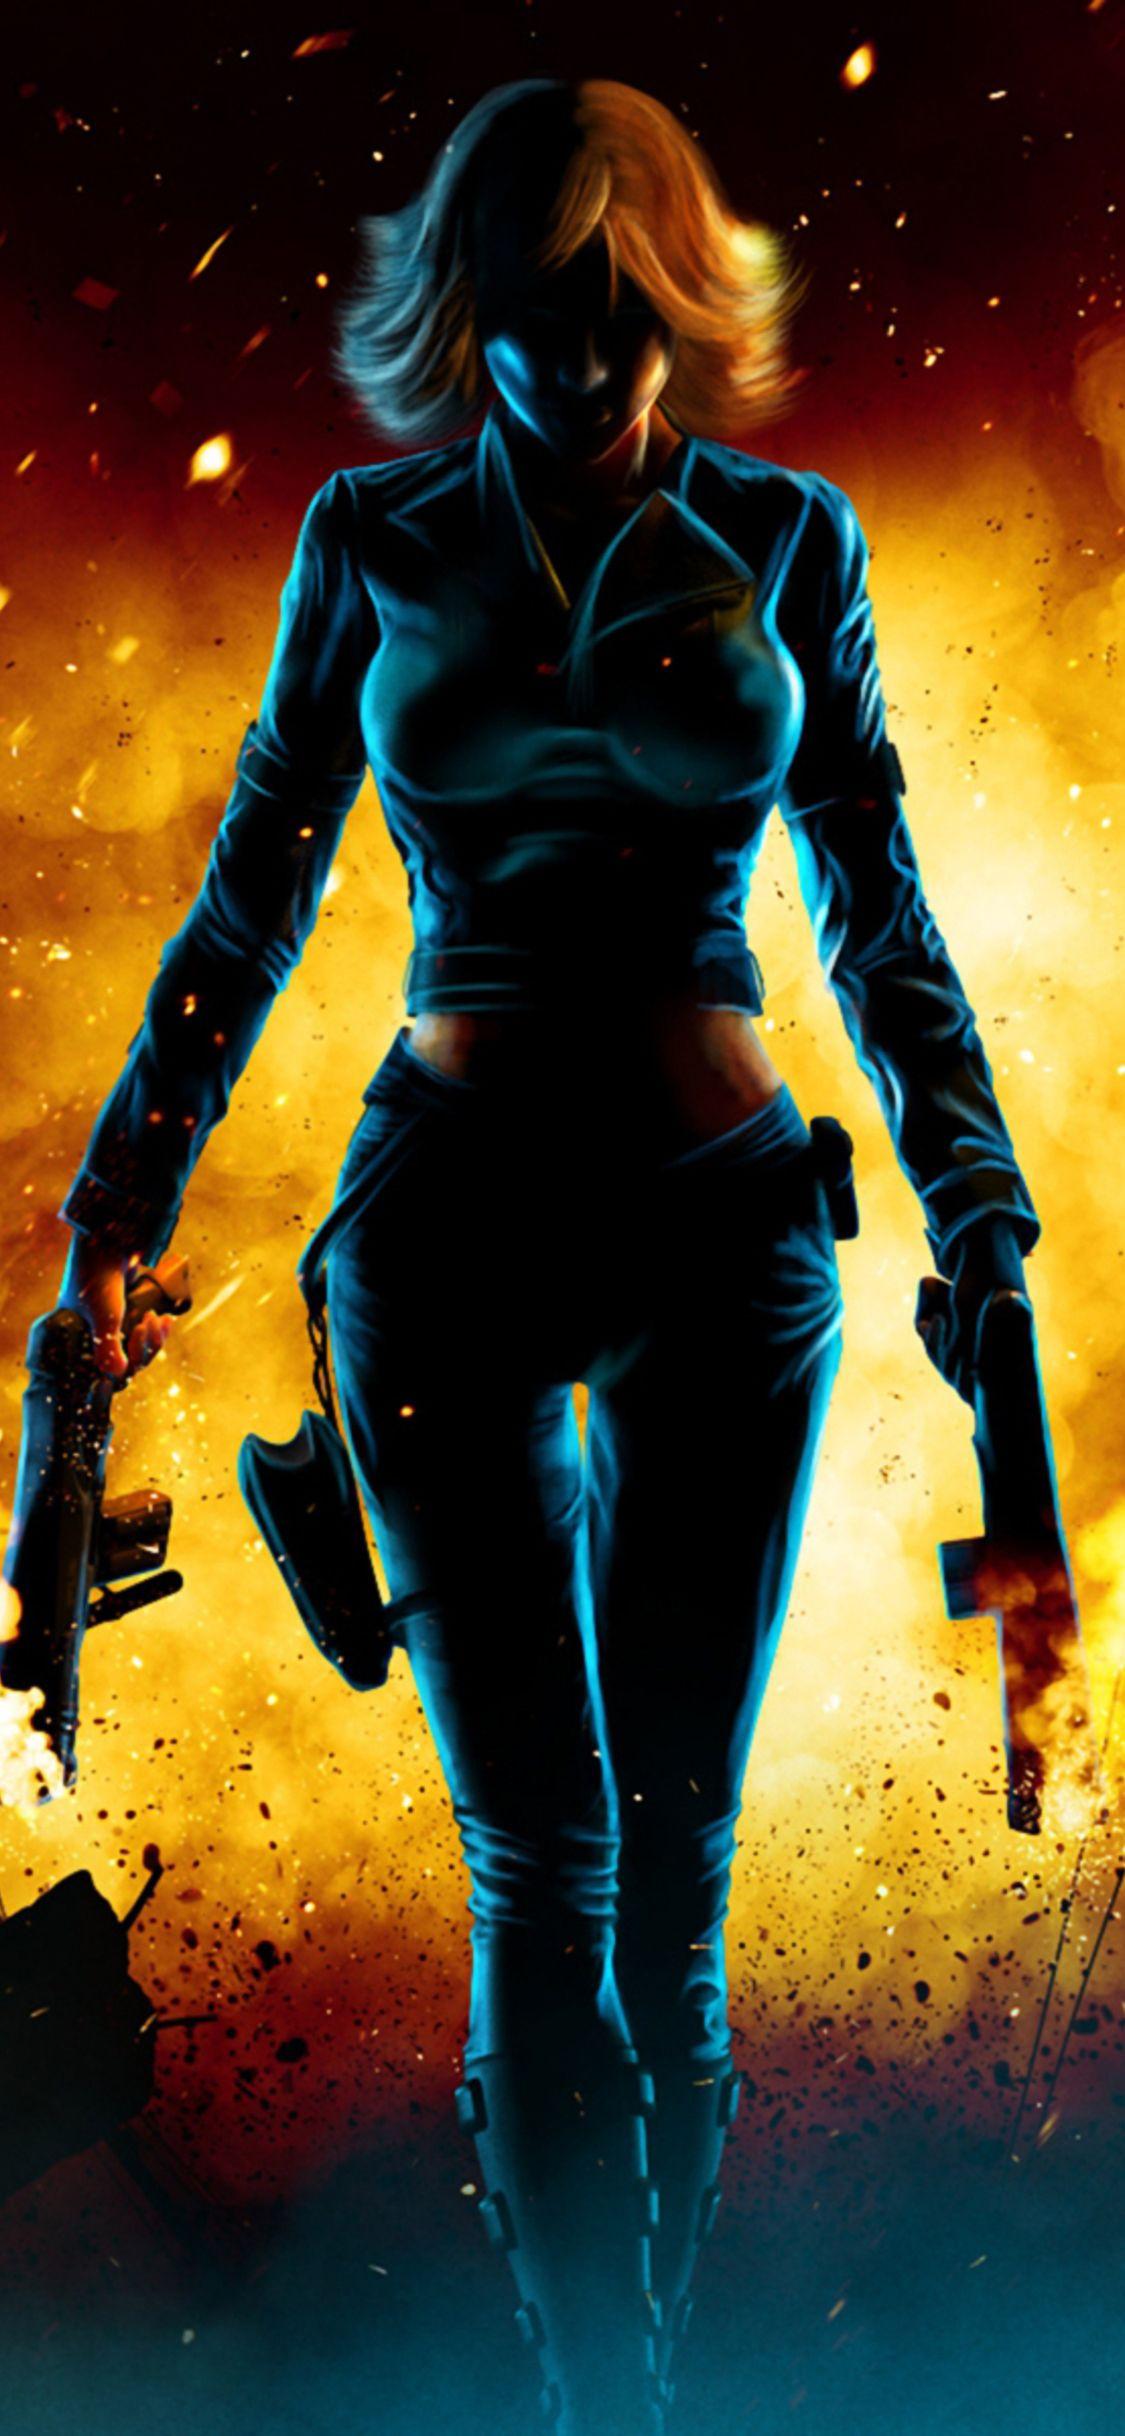 1125x2436 Black Widow Walking Through Fire Iphone XS